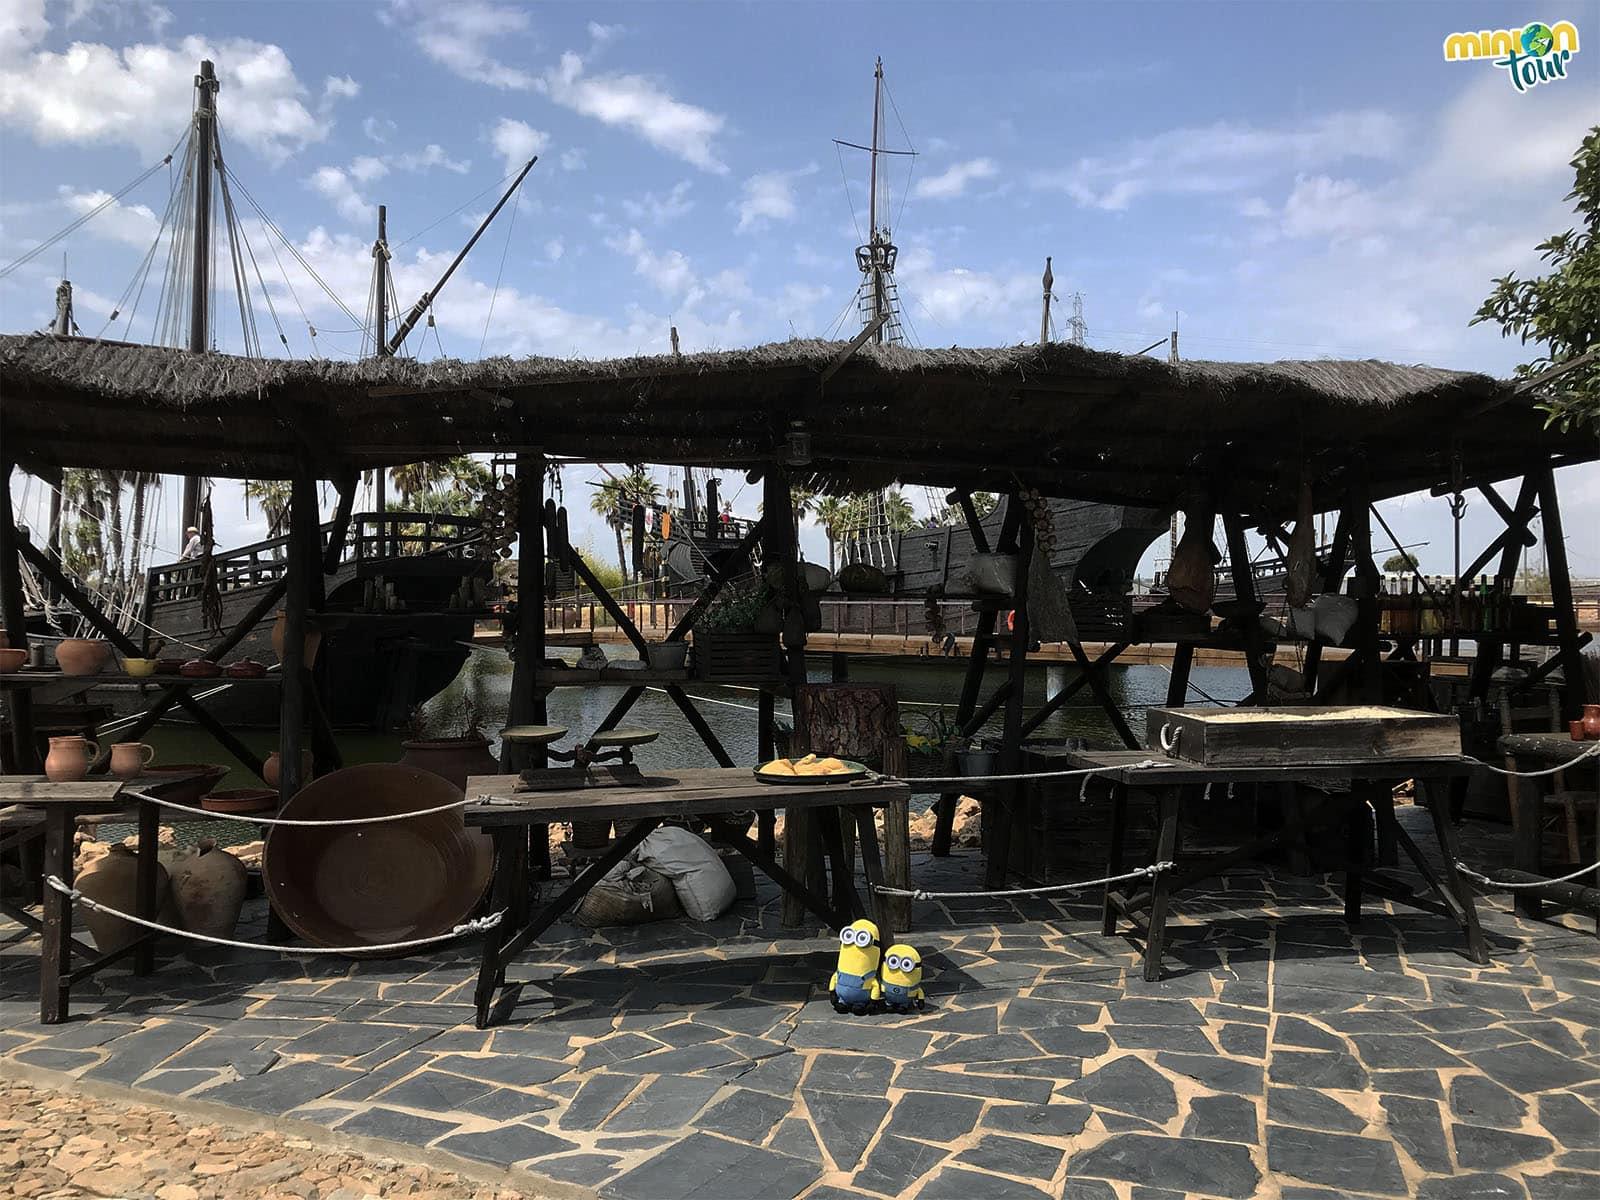 Un paseo por el puerto del Muelle de las Carabelas